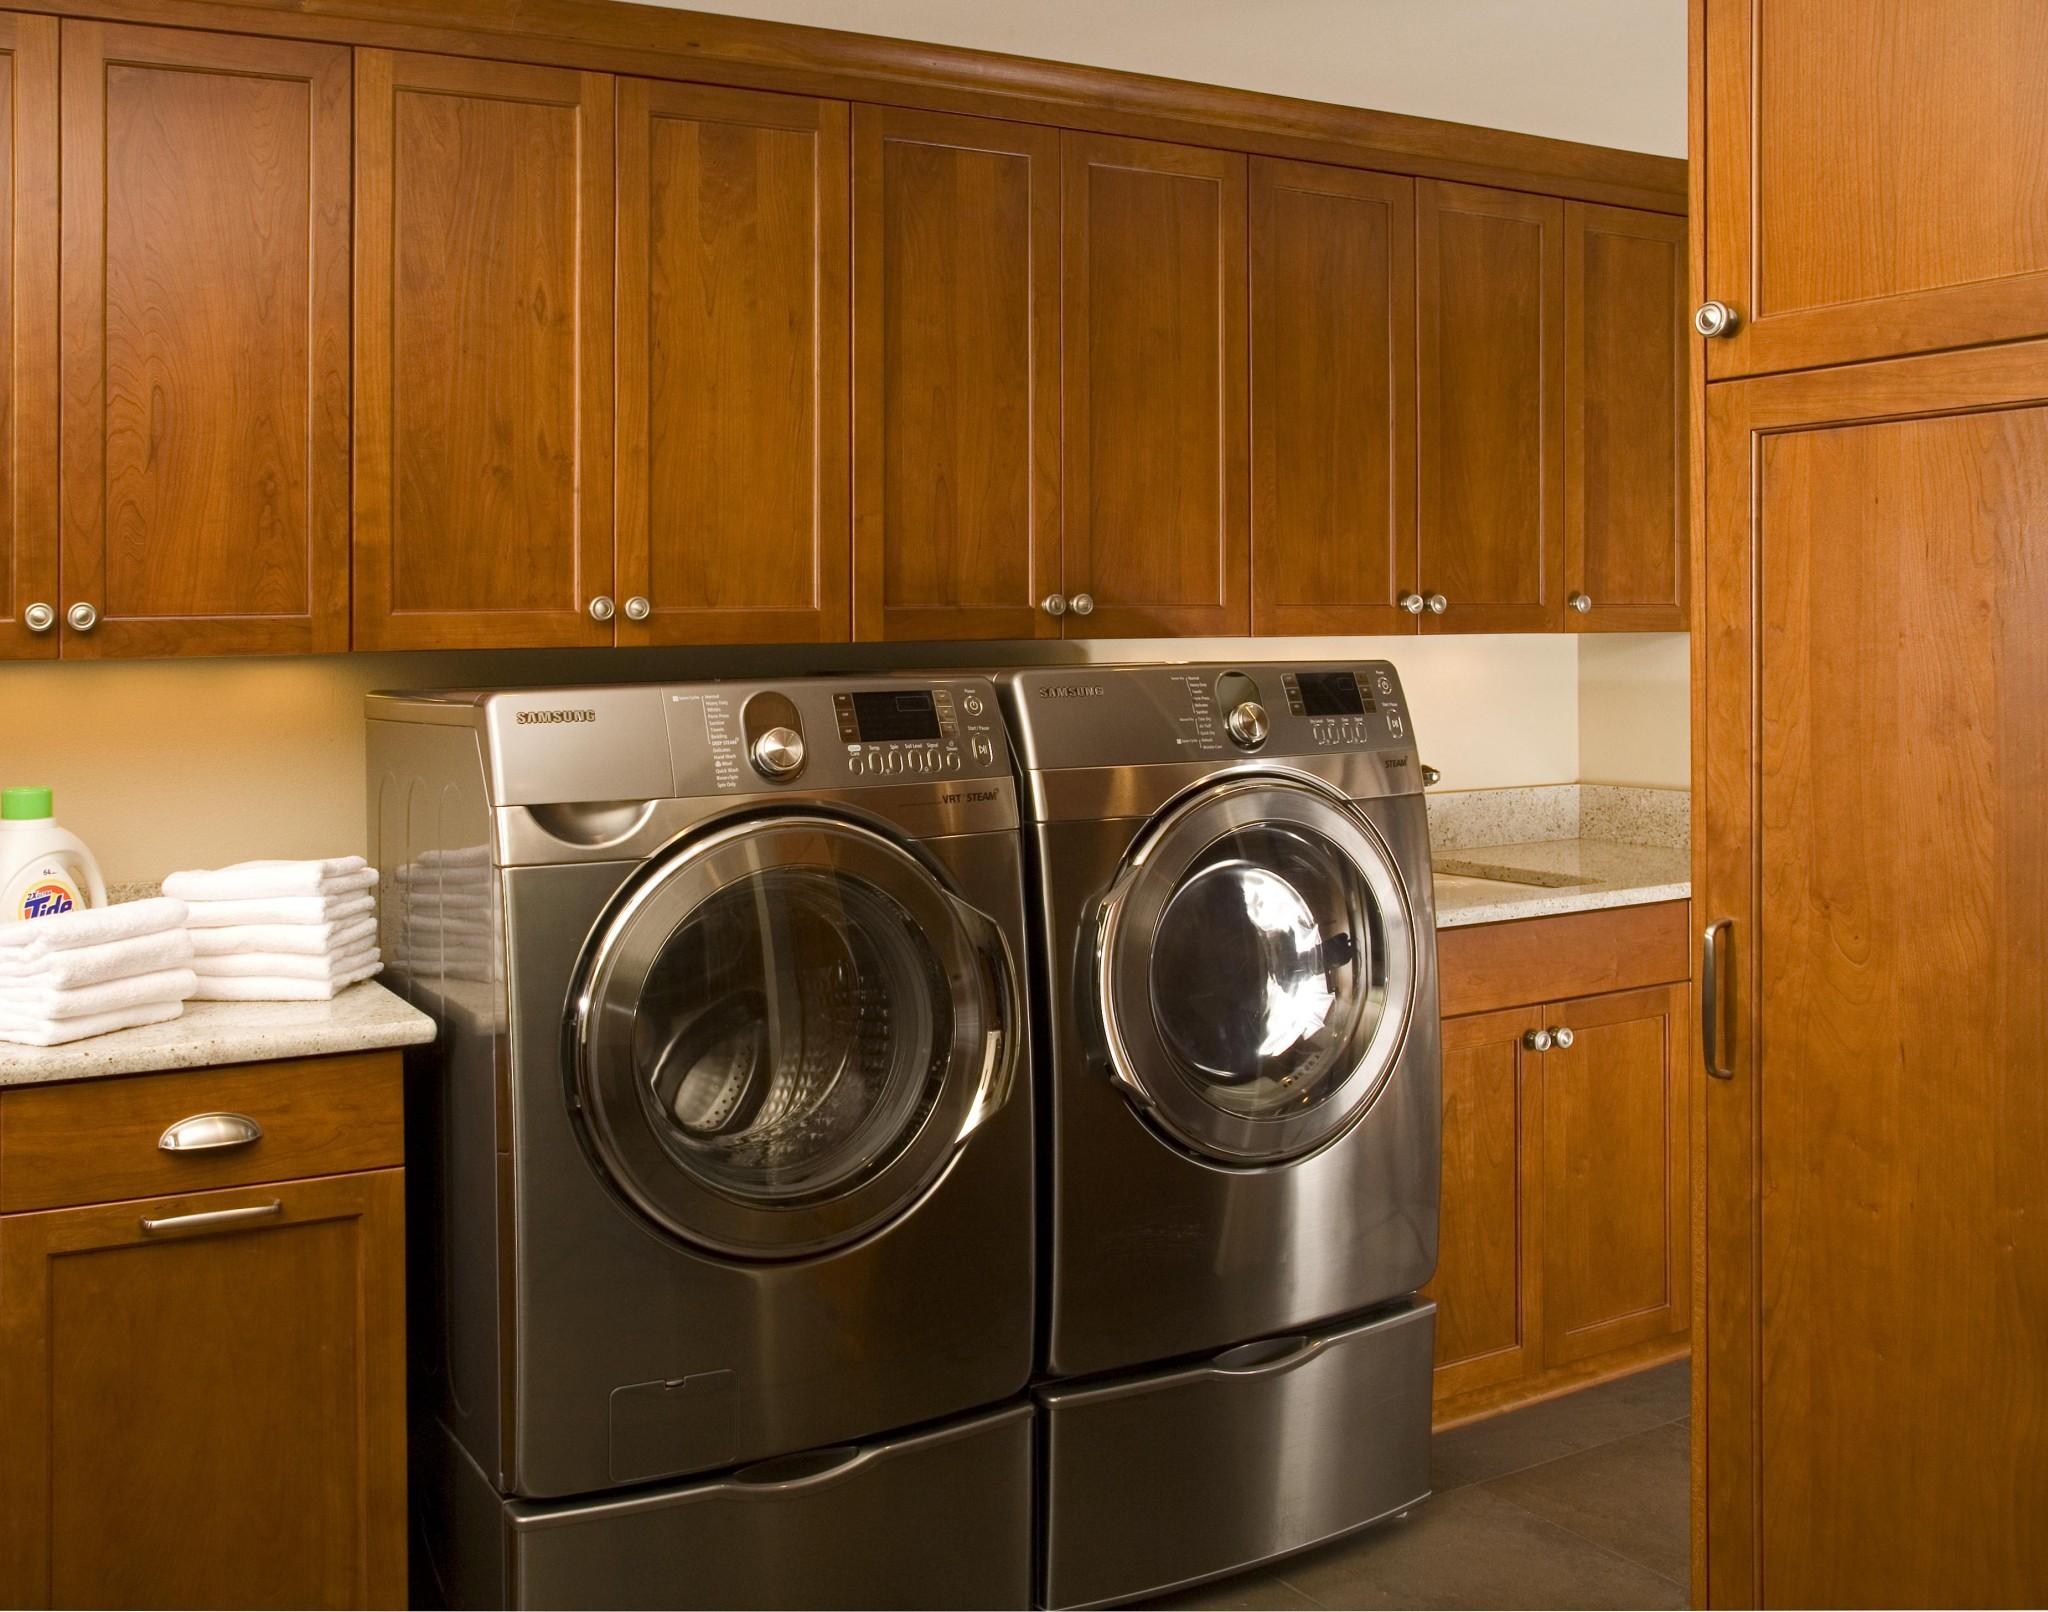 Laundry Room | M.R. Construction | Tacoma, WA